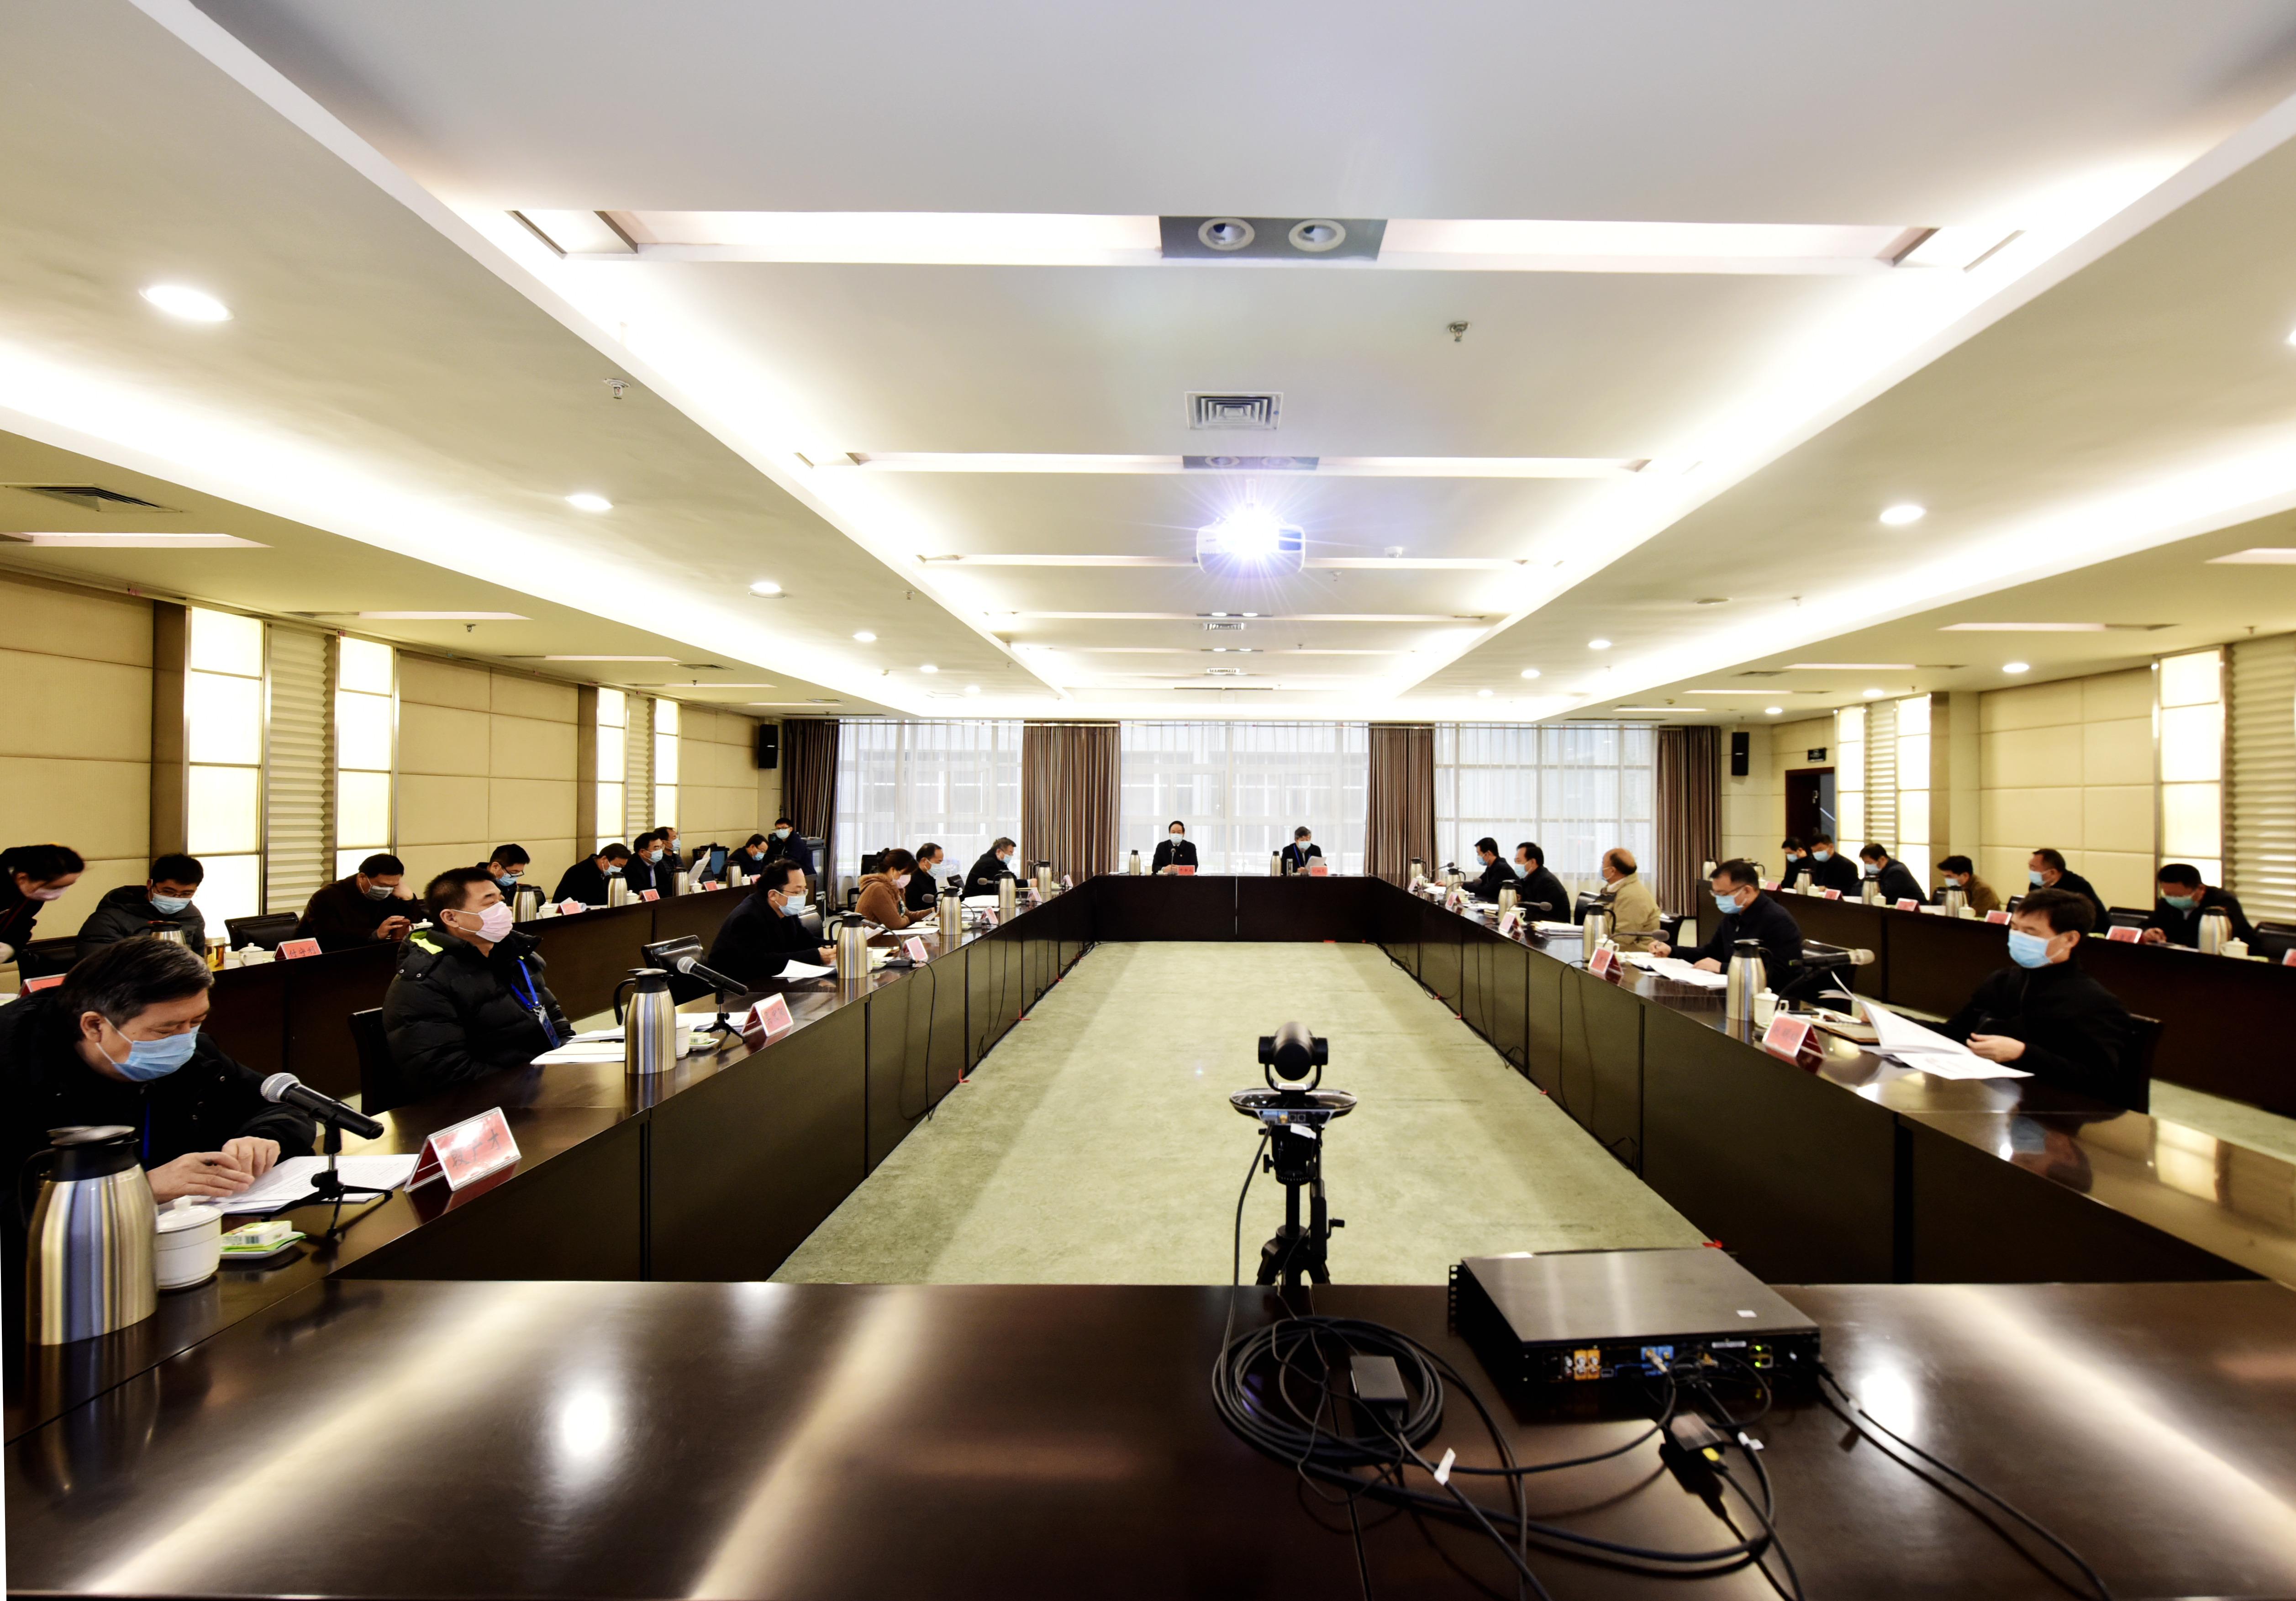 郑州大学召开第七次新型冠状病毒感染的肺炎疫情防控工作领导小组会议(图)